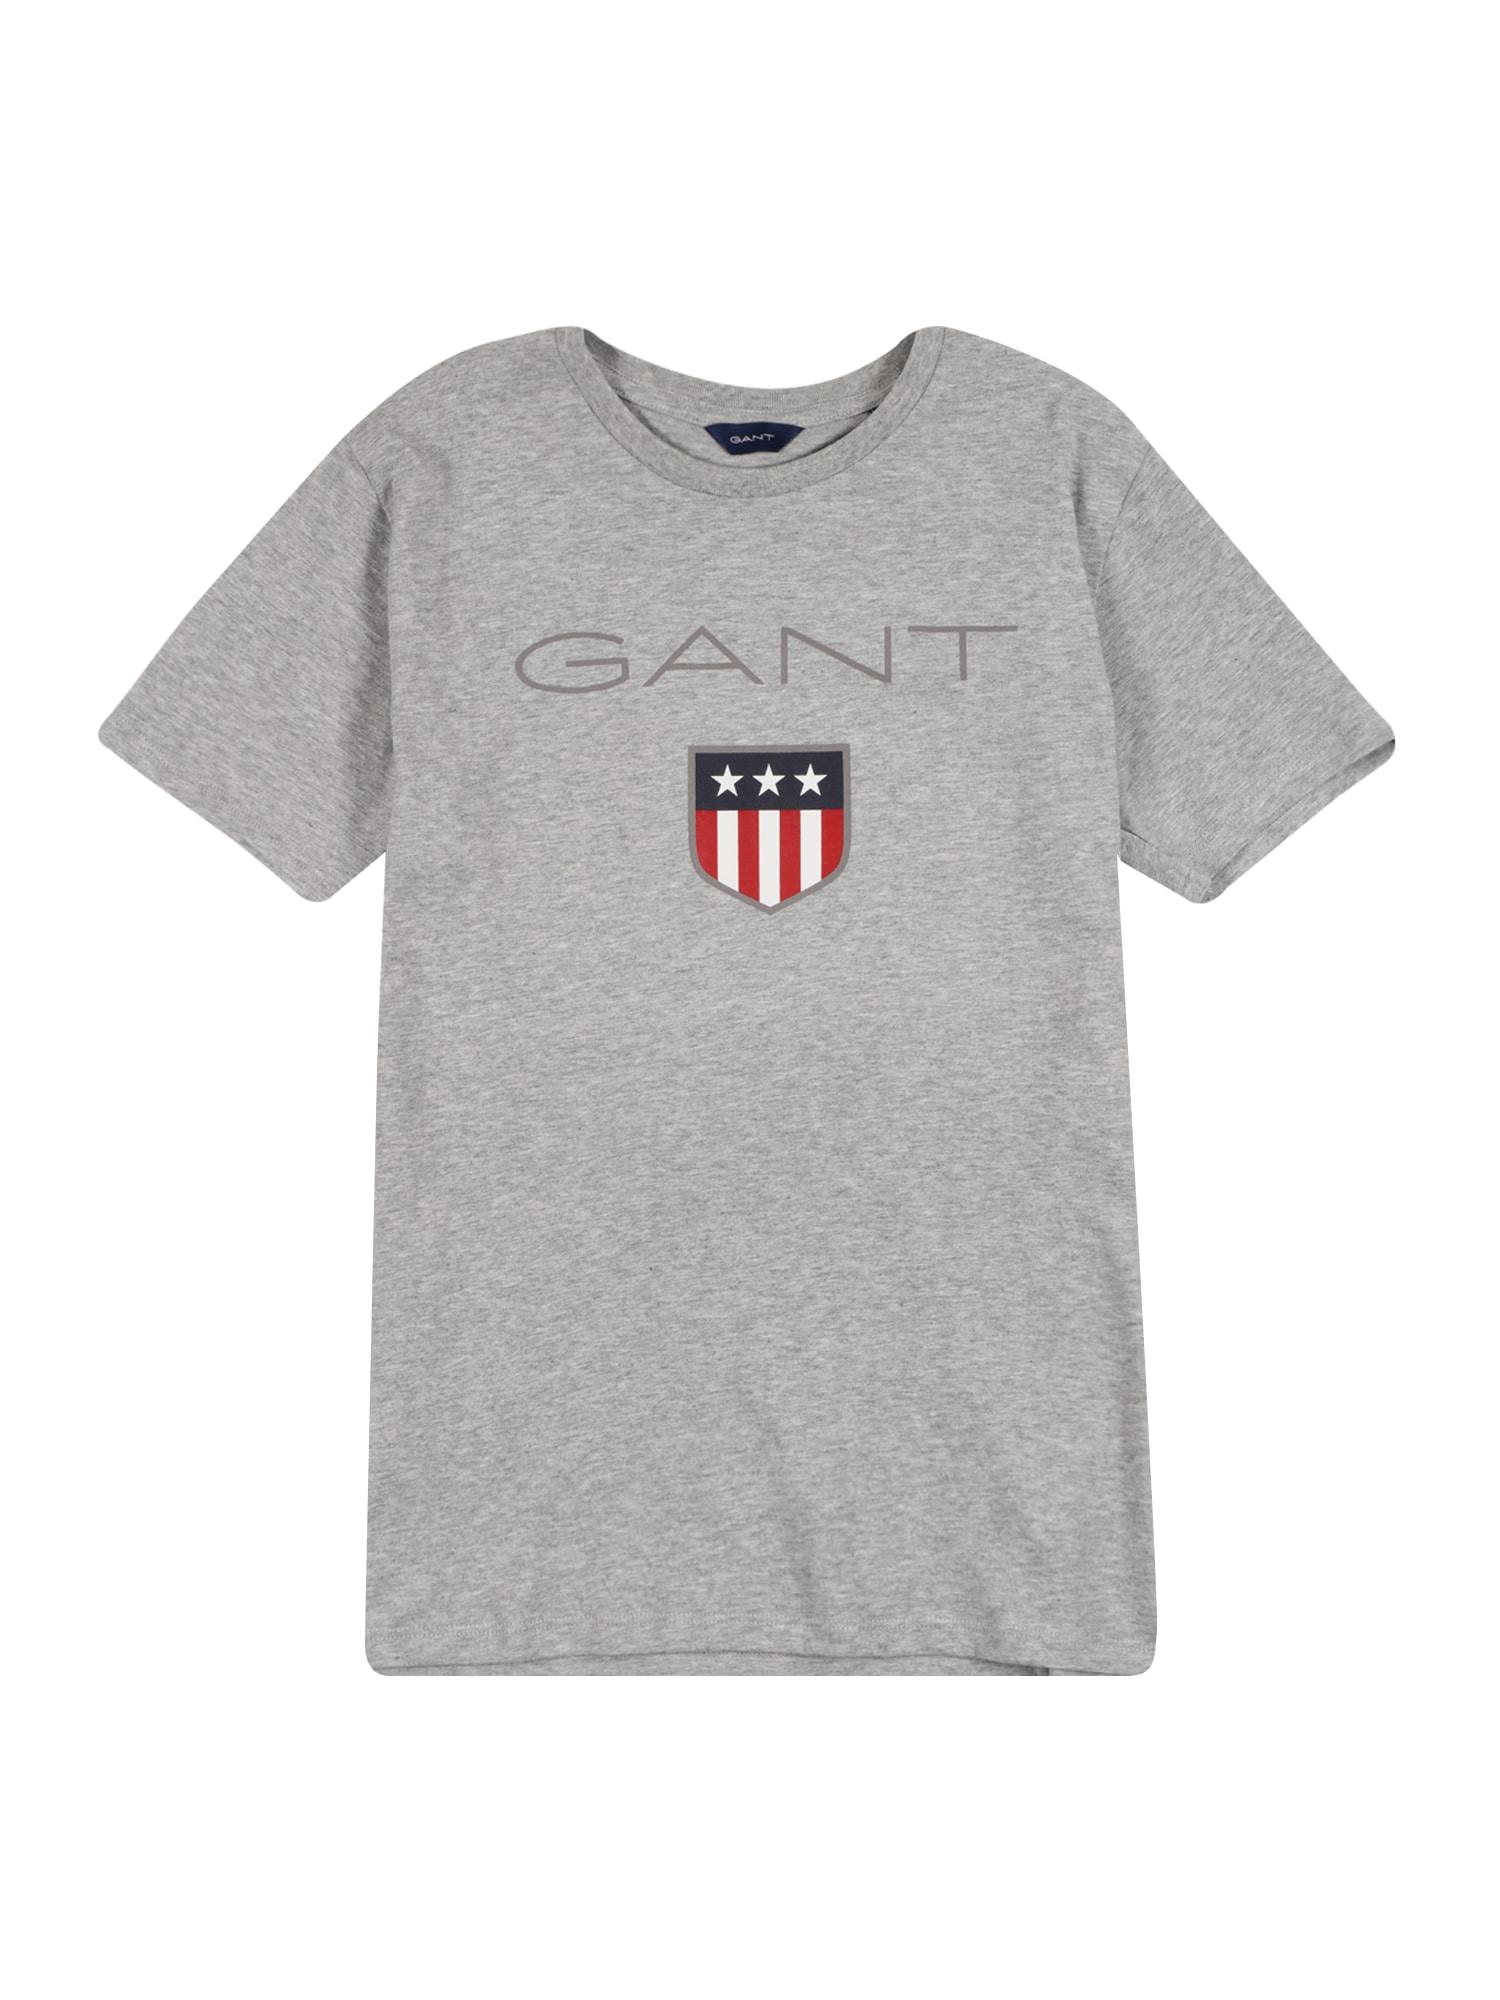 GANT Marškinėliai margai pilka / balta / tamsiai mėlyna / raudona